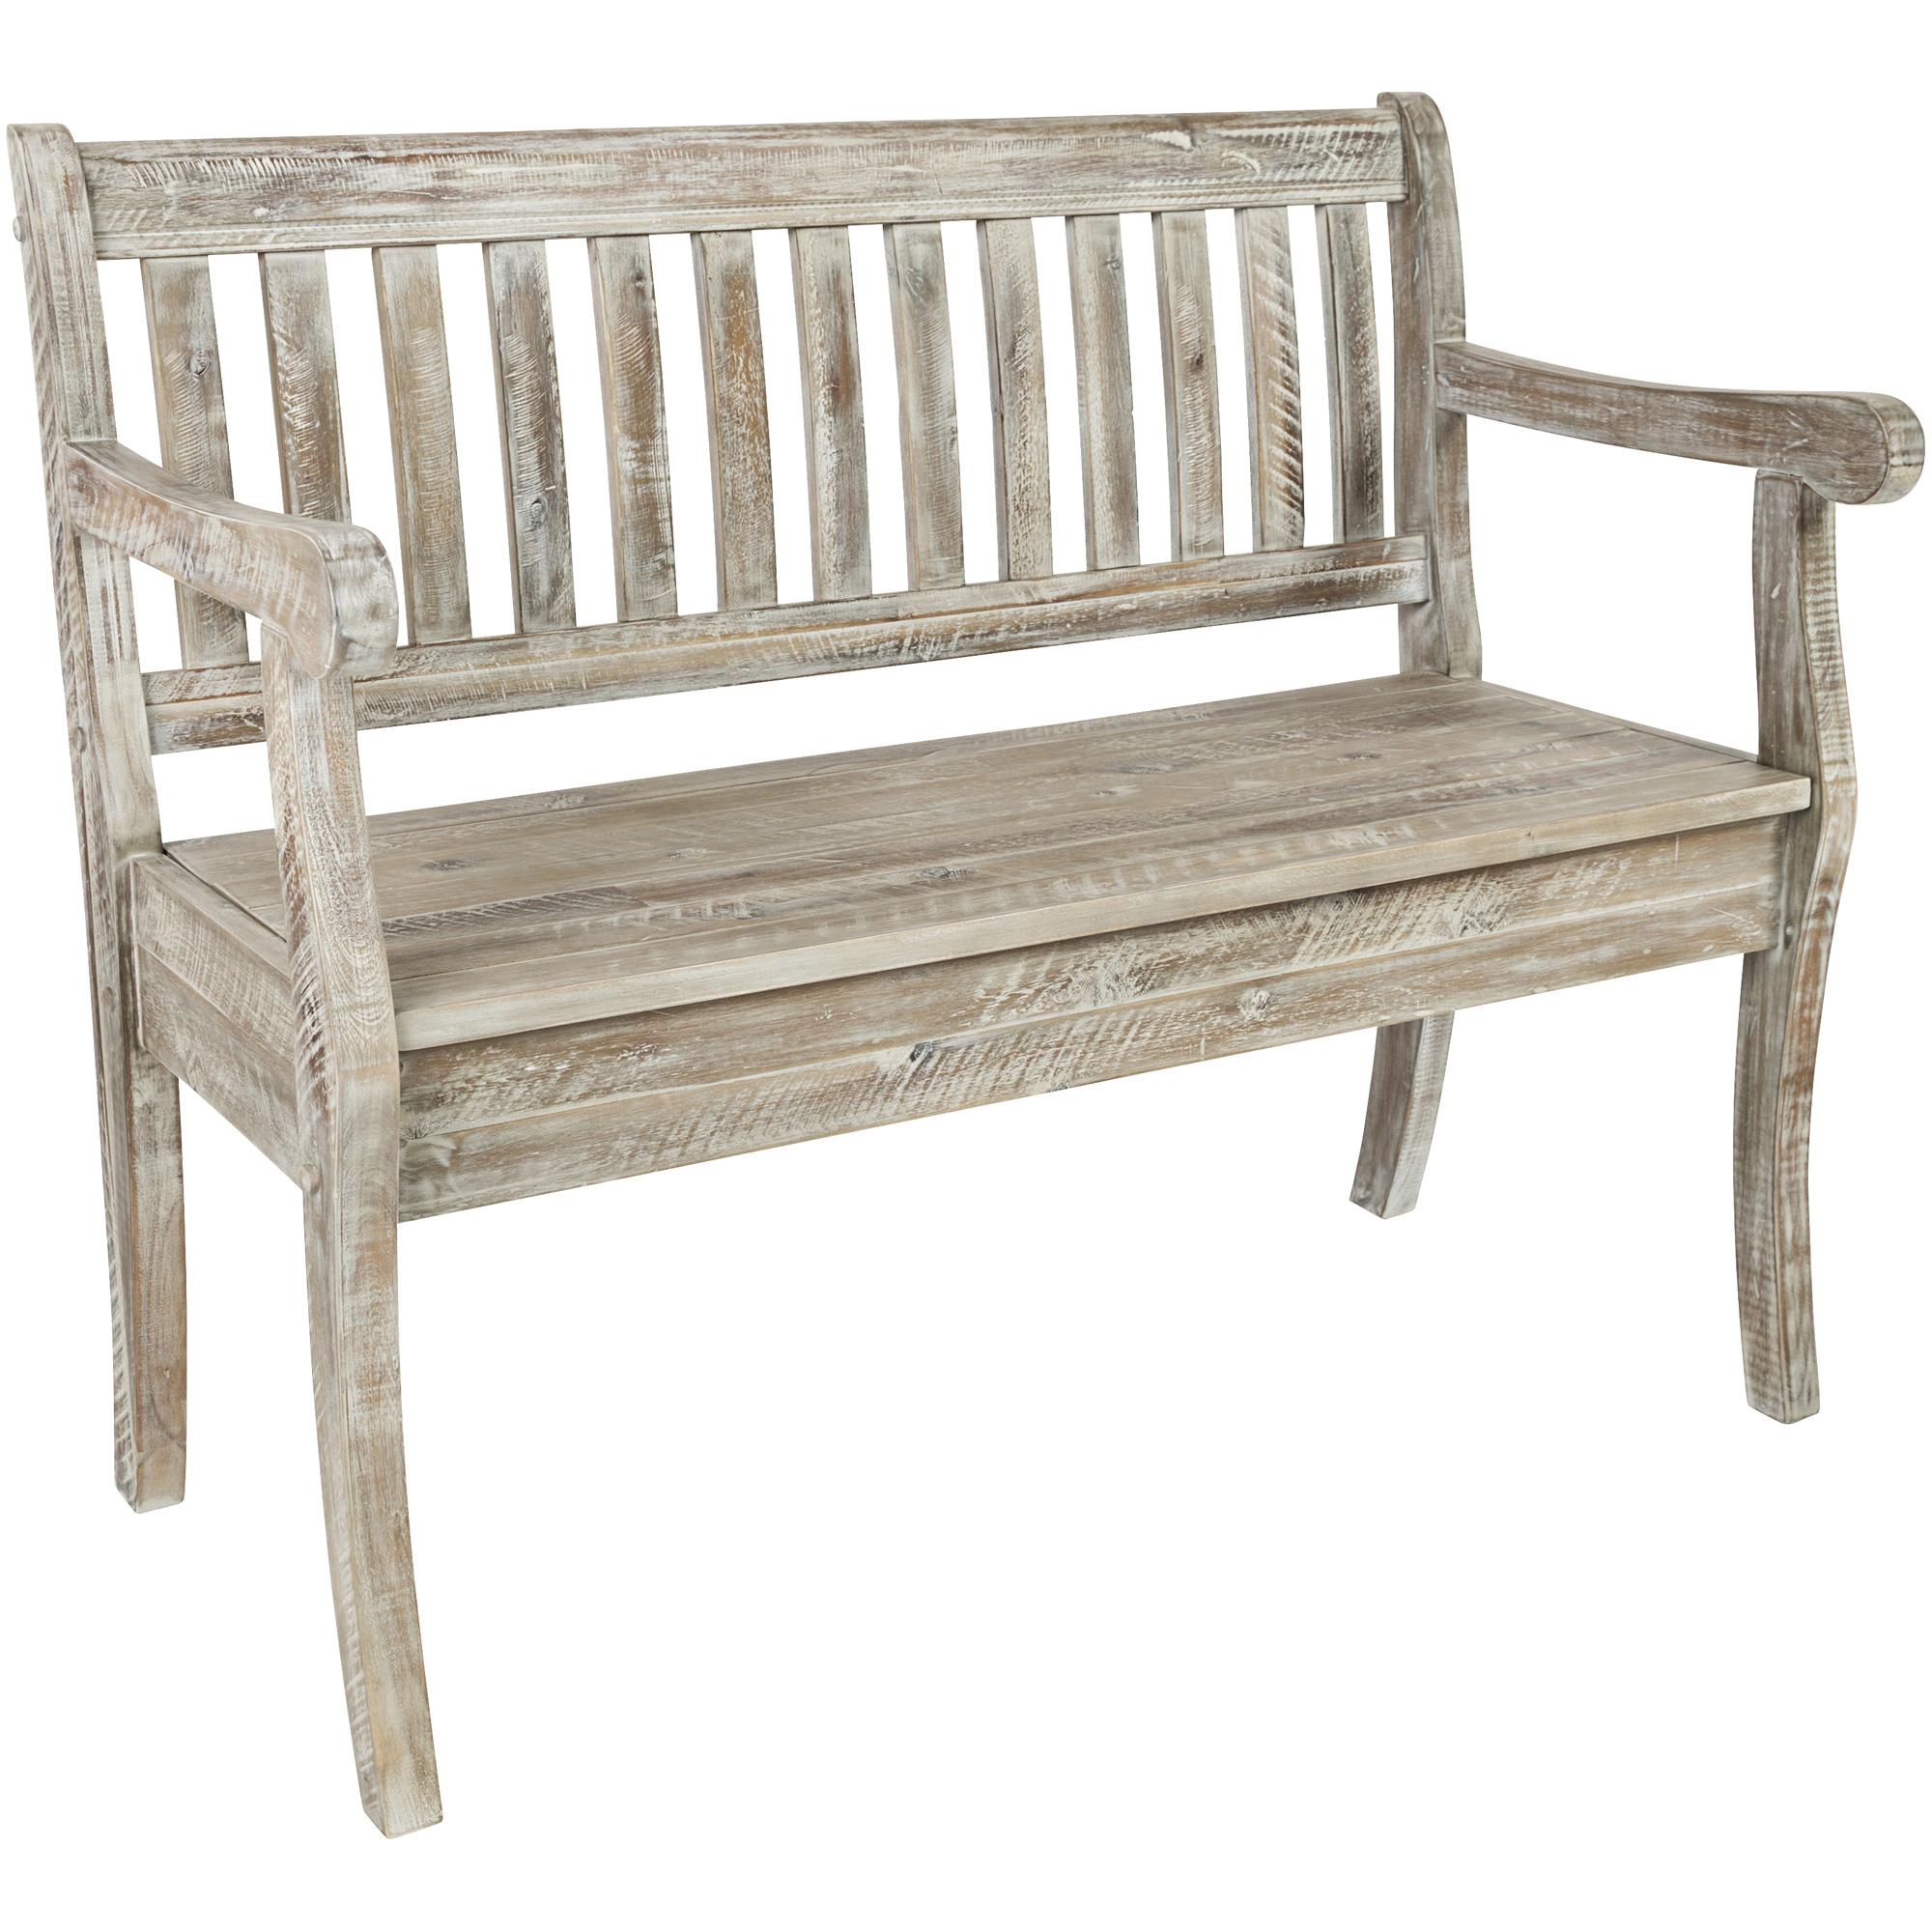 Jofran | Artisans Craft Gray Wash Storage Bench Chair